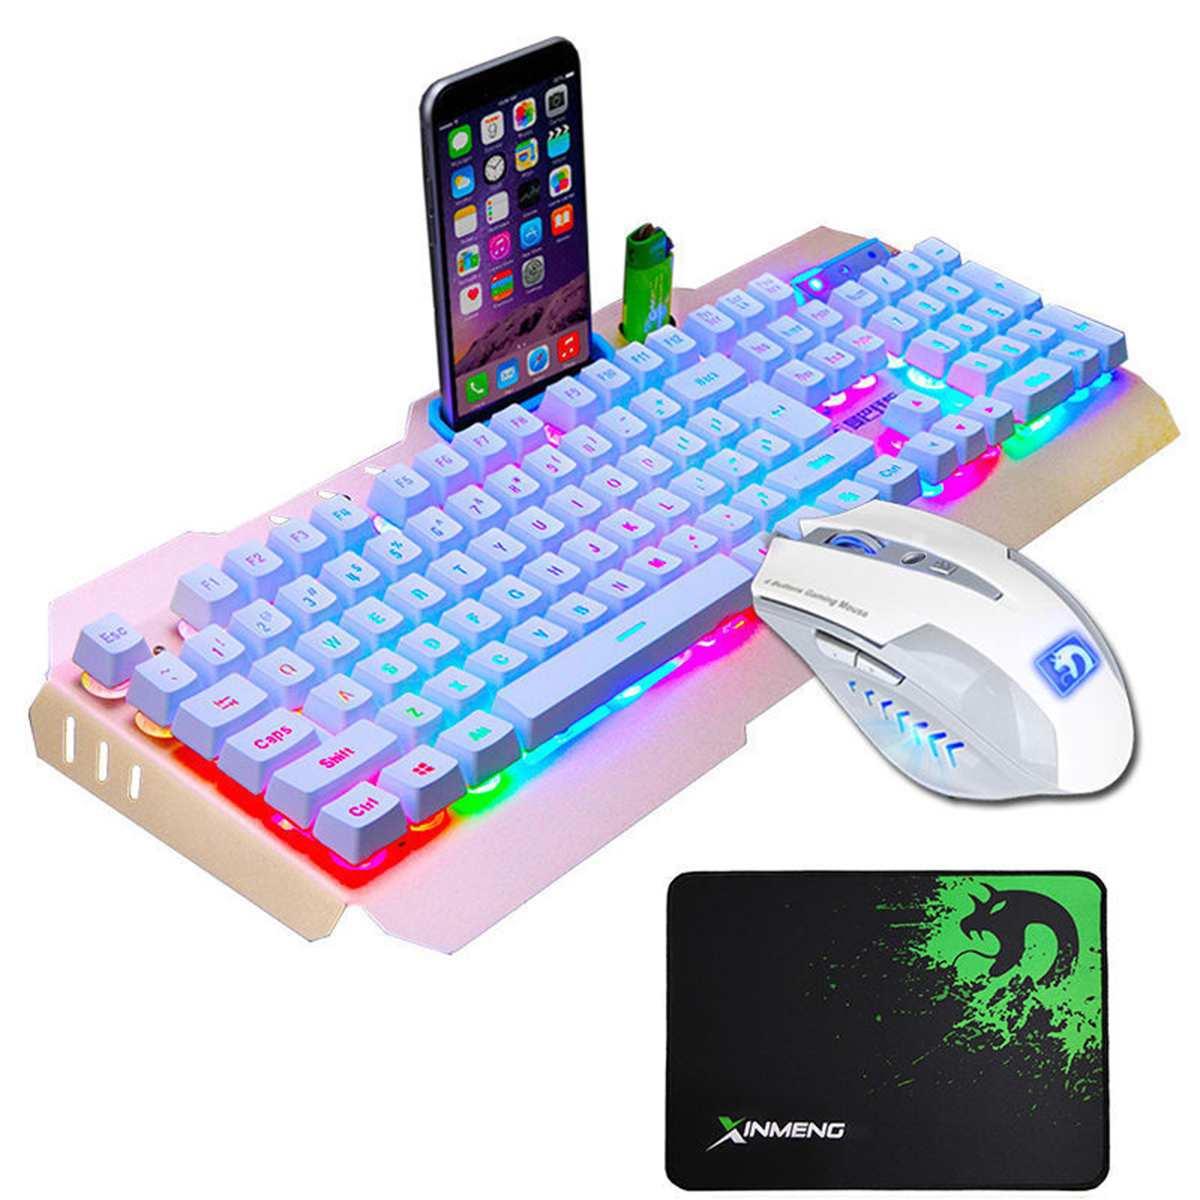 Filaire Gaming Clavier Souris Combo Plein Clé LED Rétro-Éclairé USB Clavier Mécanique Feel Étanche Gamer Souris avec Moues Pad Pour PC